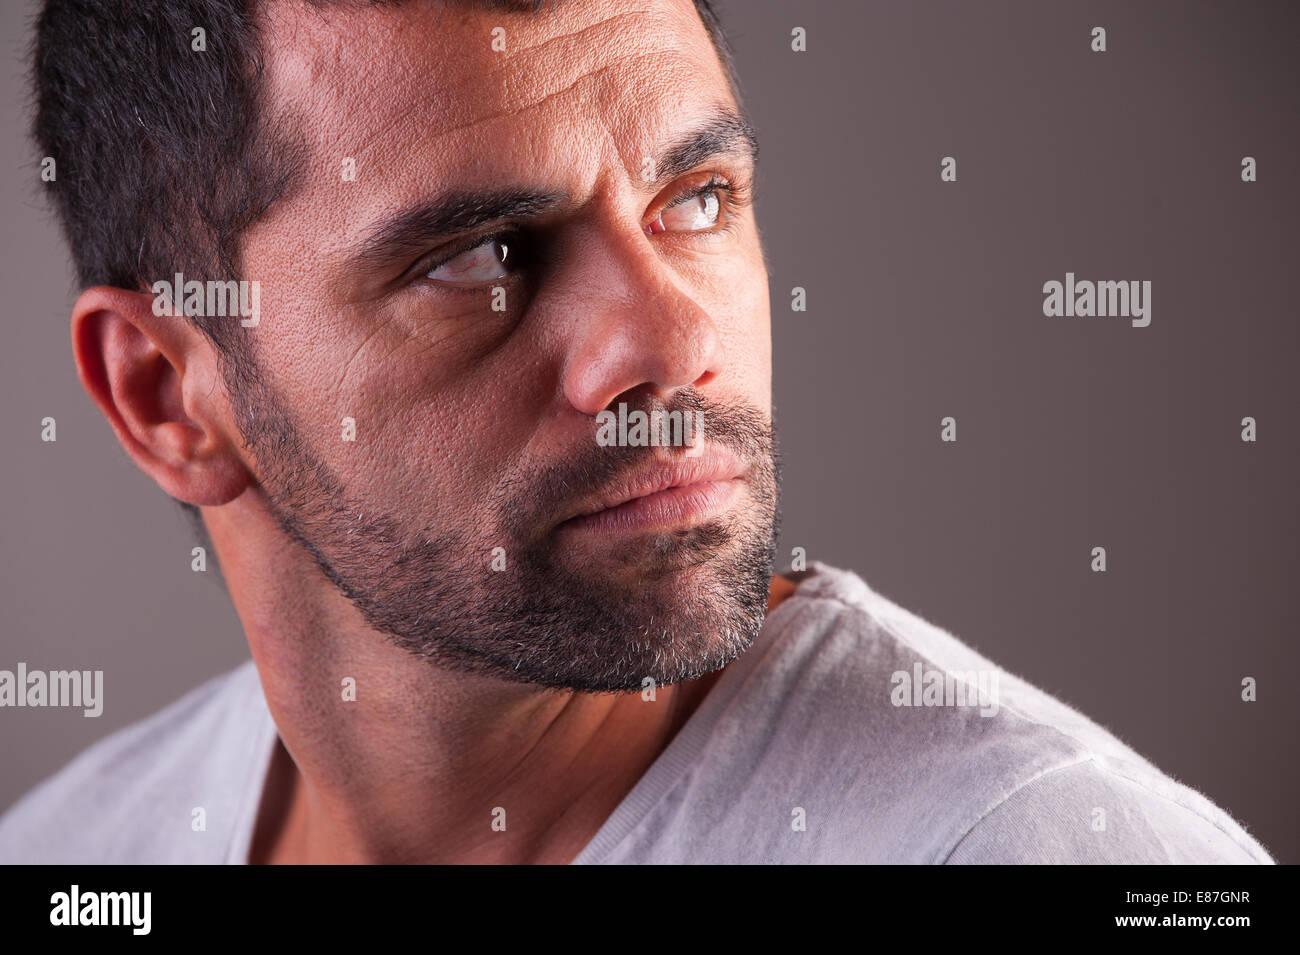 Angst, junger Mann auf der Suche Stockbild